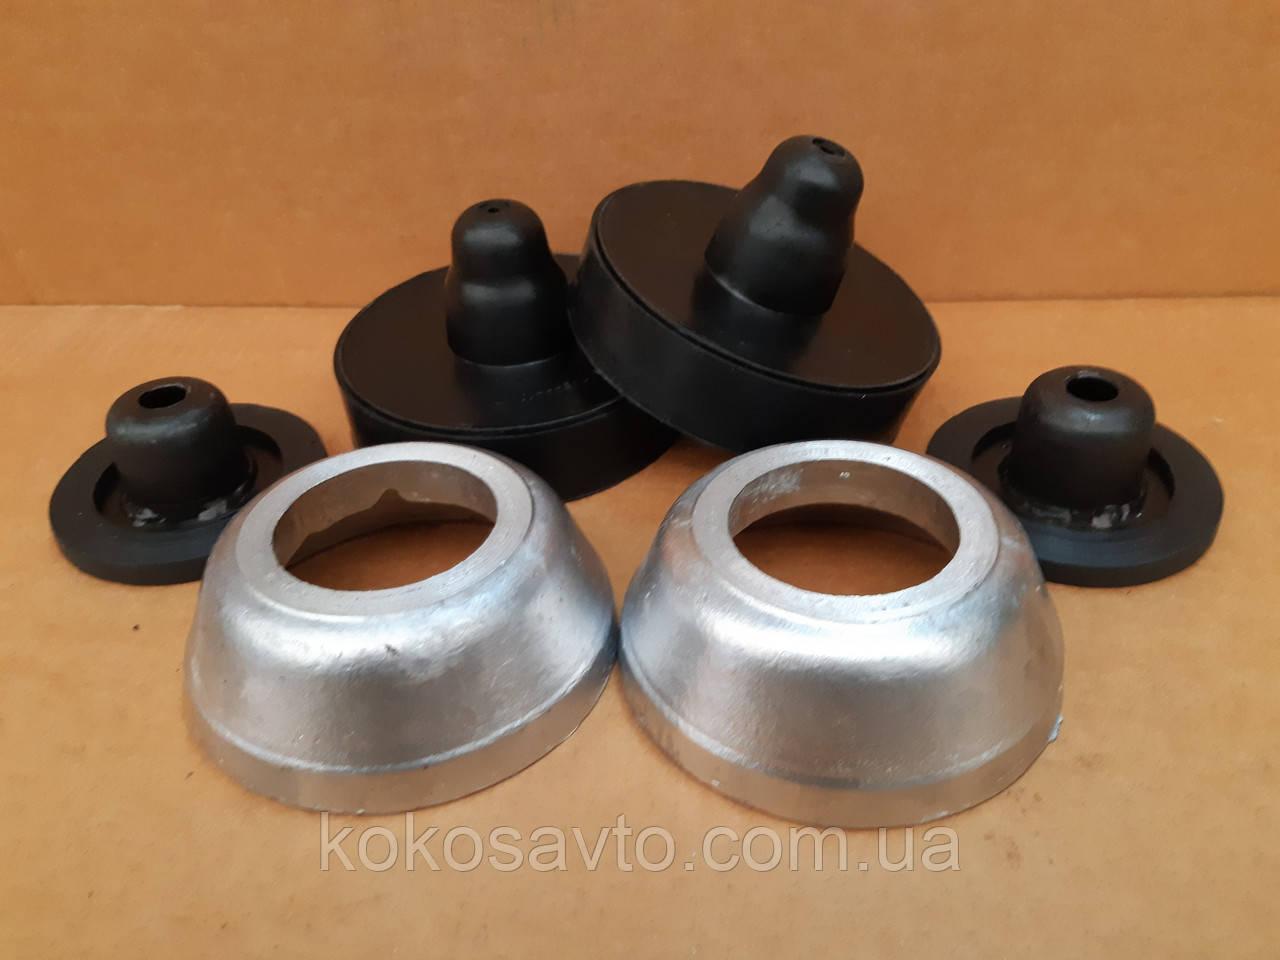 Проставки Шкода Фабія Skoda Fabia для збільшення кліренсу комплект зад і перед висота 20-30мм